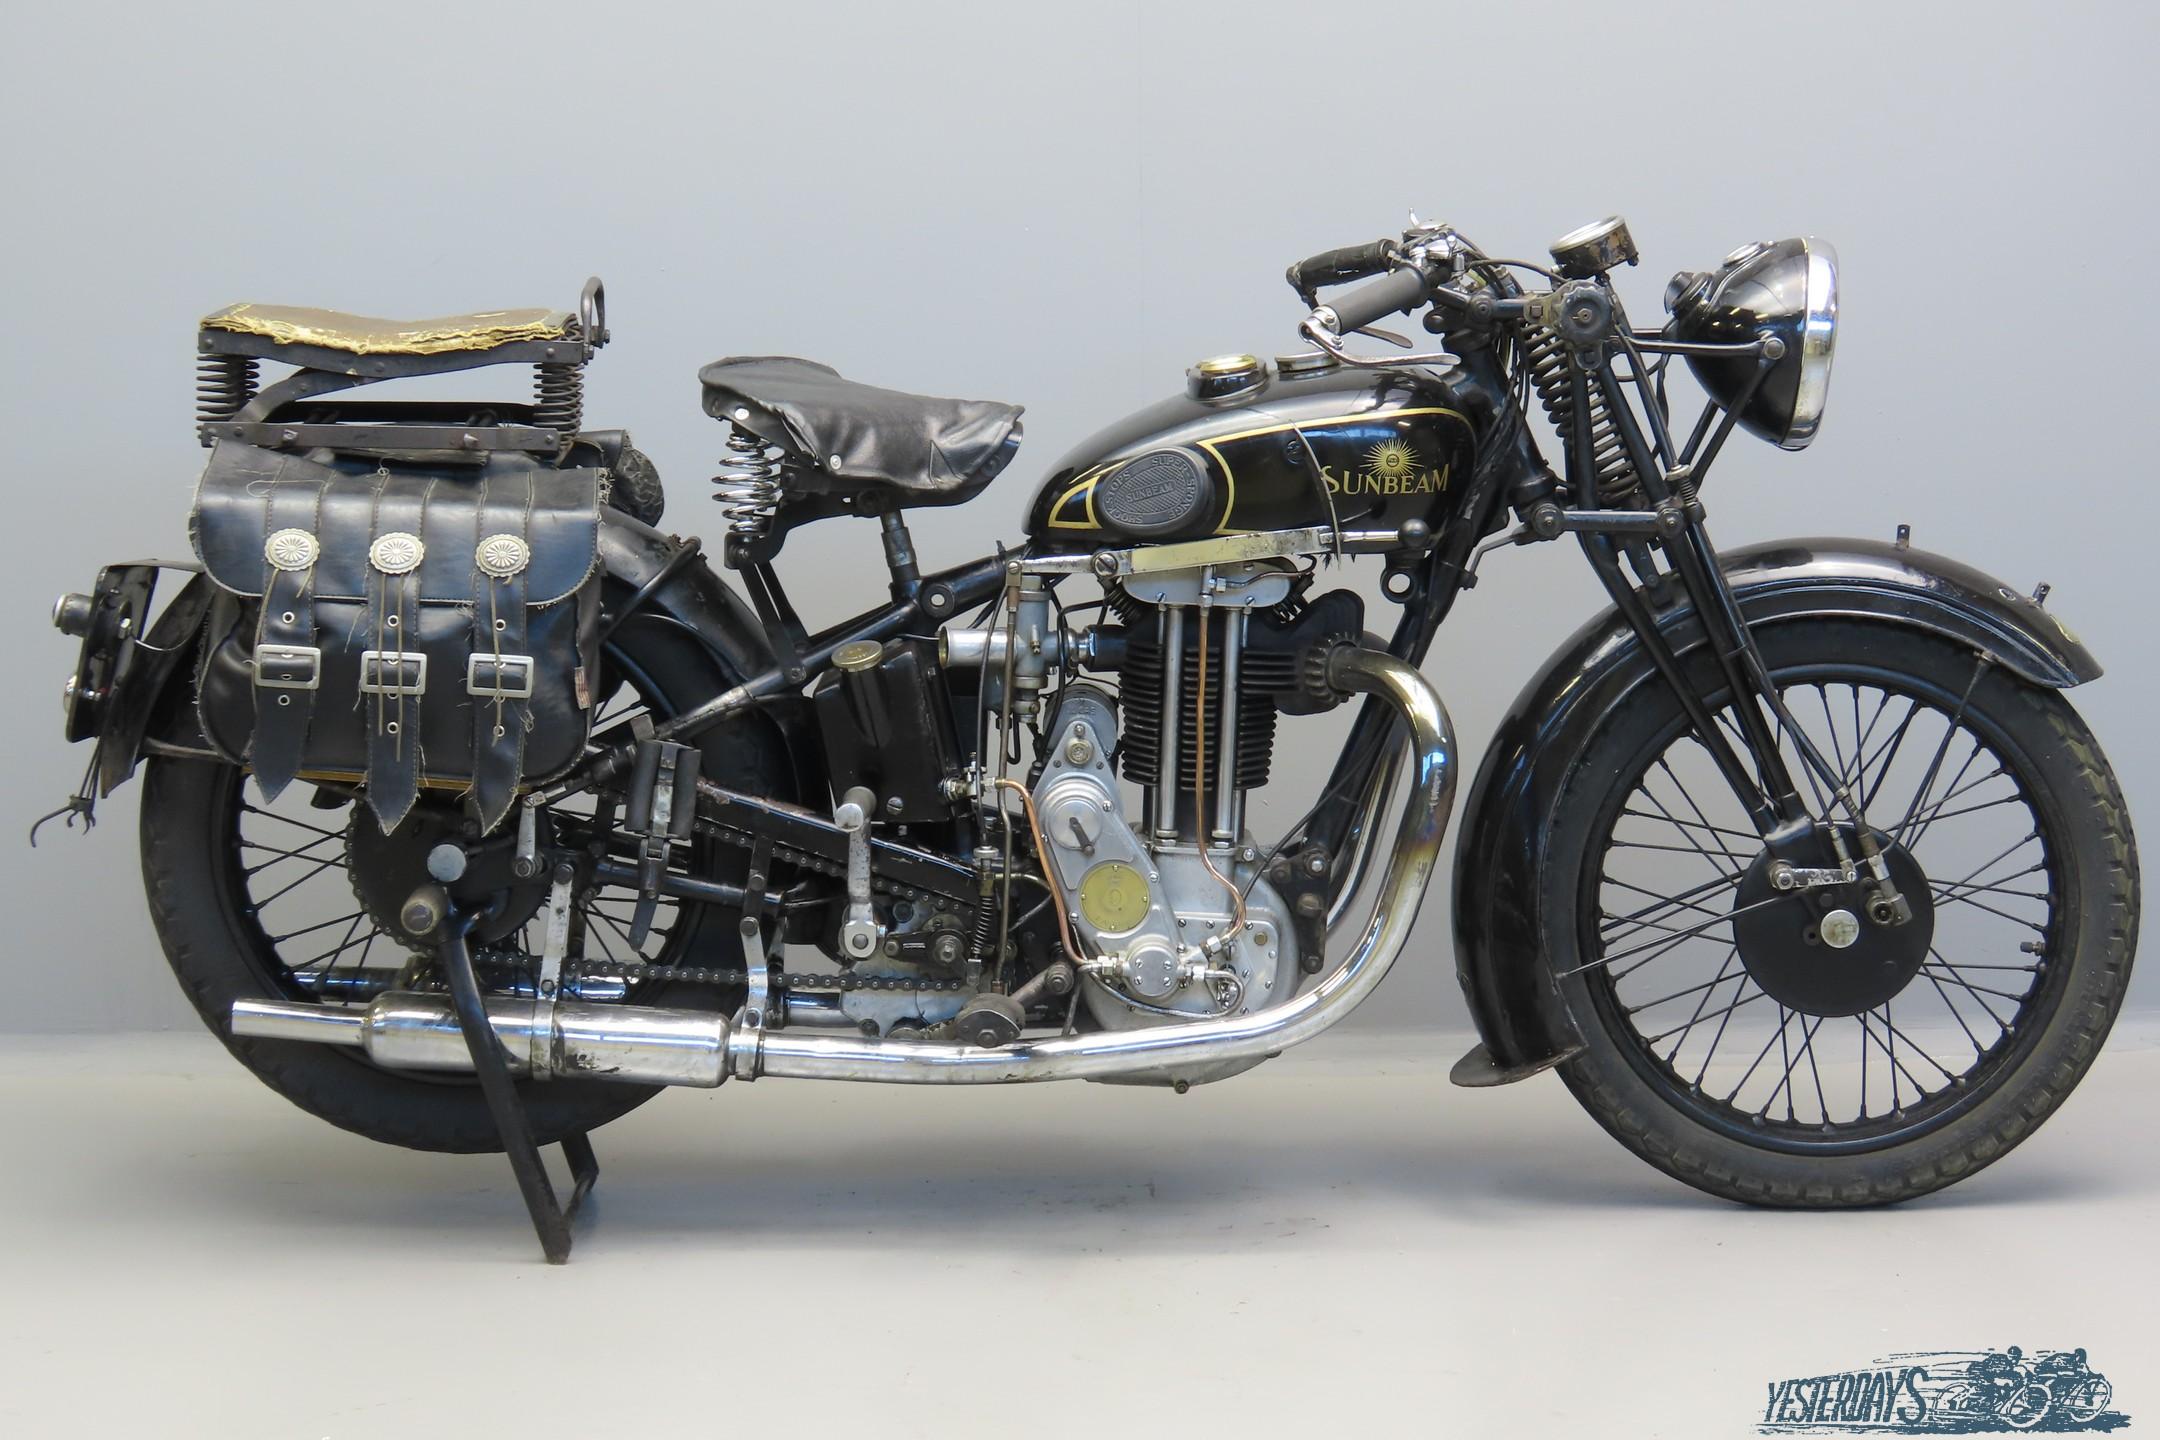 Sunbeam-1935 Model 9A 596cc 1 cyl ohv  3007